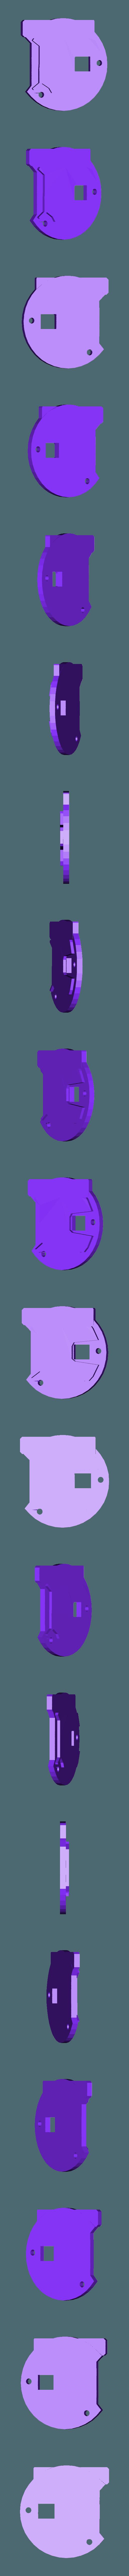 Sp_drone_cam_shell_cover.stl Télécharger fichier STL gratuit Drone Sprank (bourdon de course avec cardan à came) • Objet pour impression 3D, mwilmars